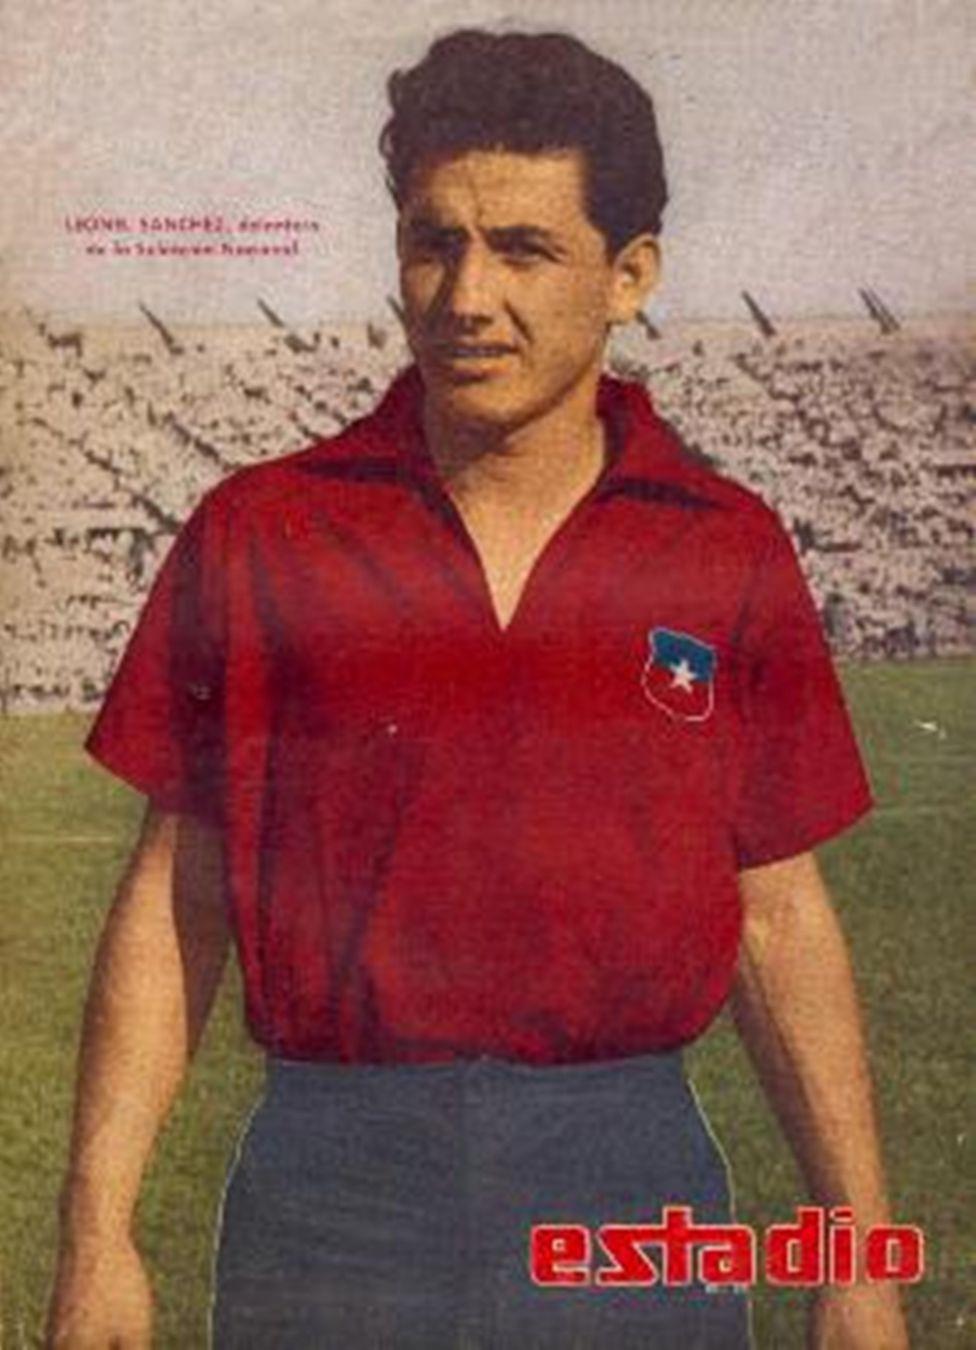 Los 79 años de Leonel Sánchez - AS Chile